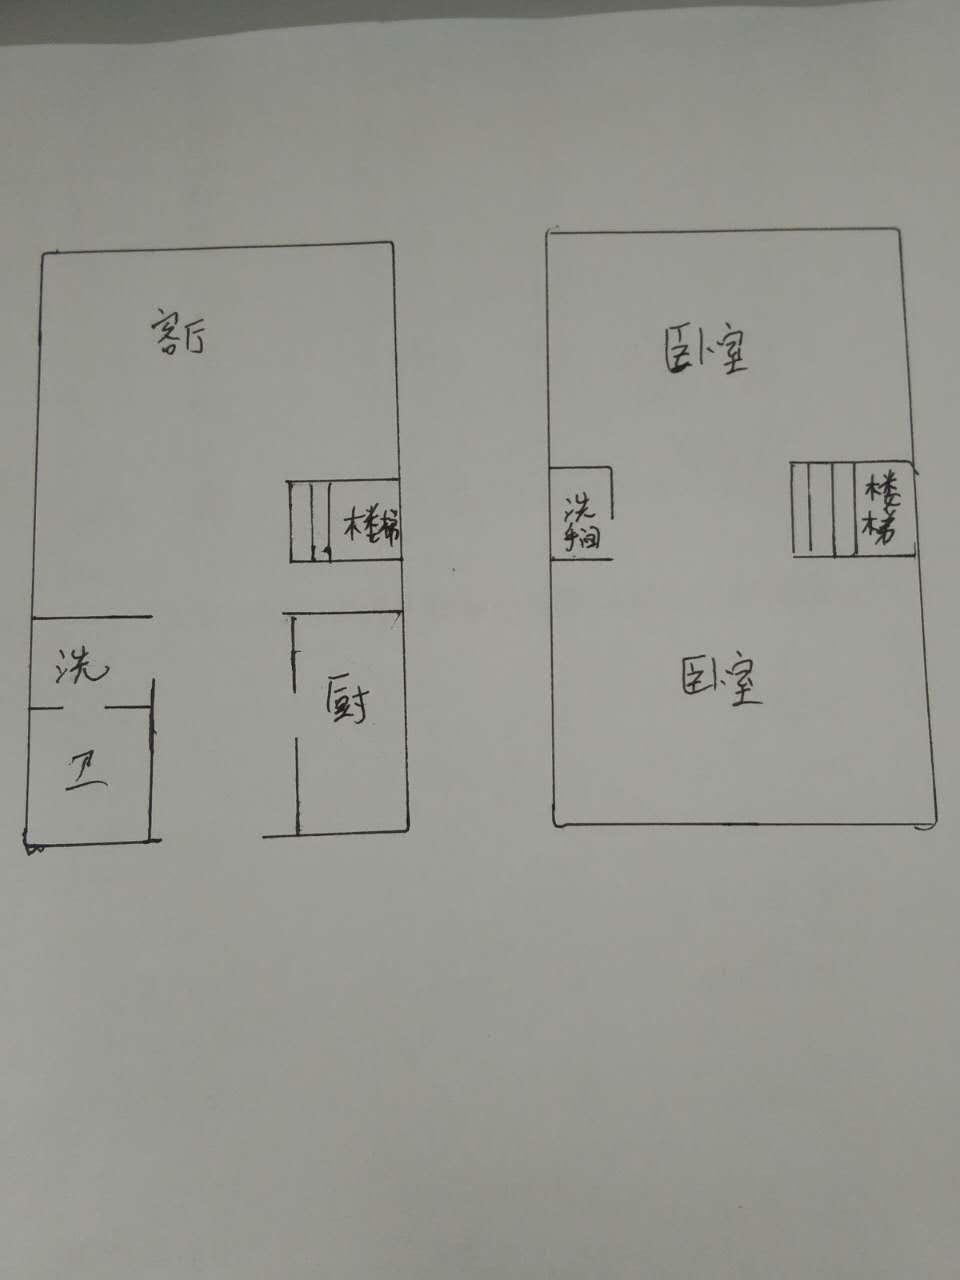 未来城 2室1厅 14楼